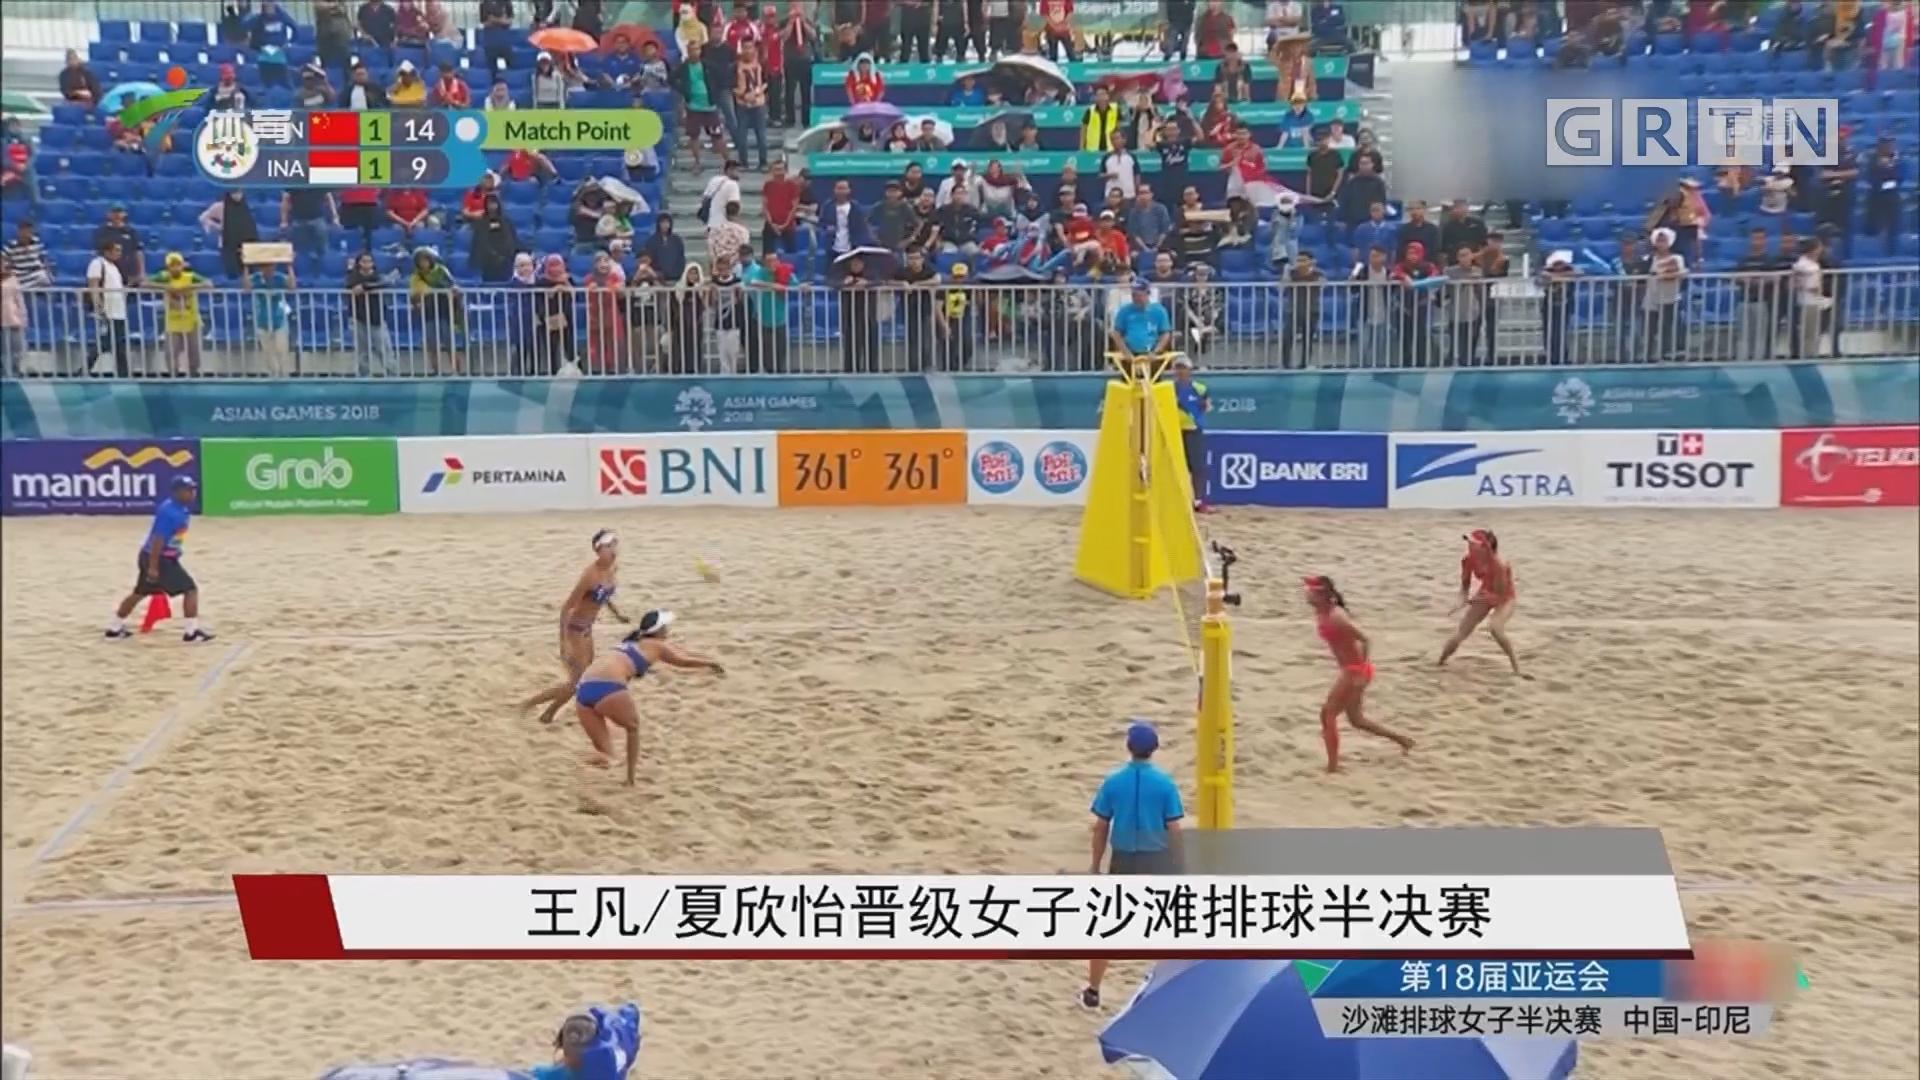 王凡/夏欣怡晋级女子沙滩排球半决赛